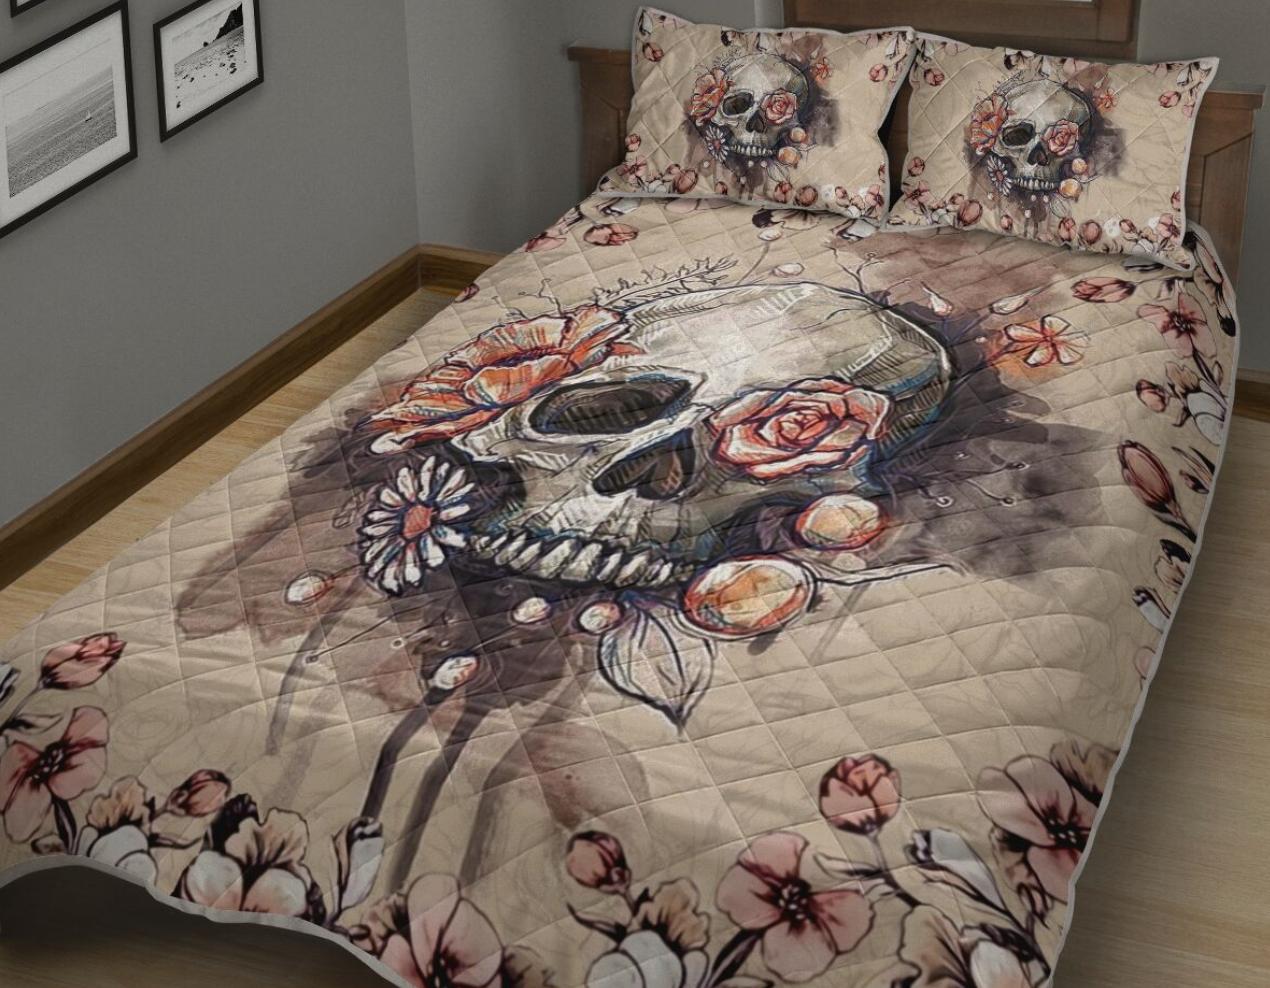 Floral skull bedding set